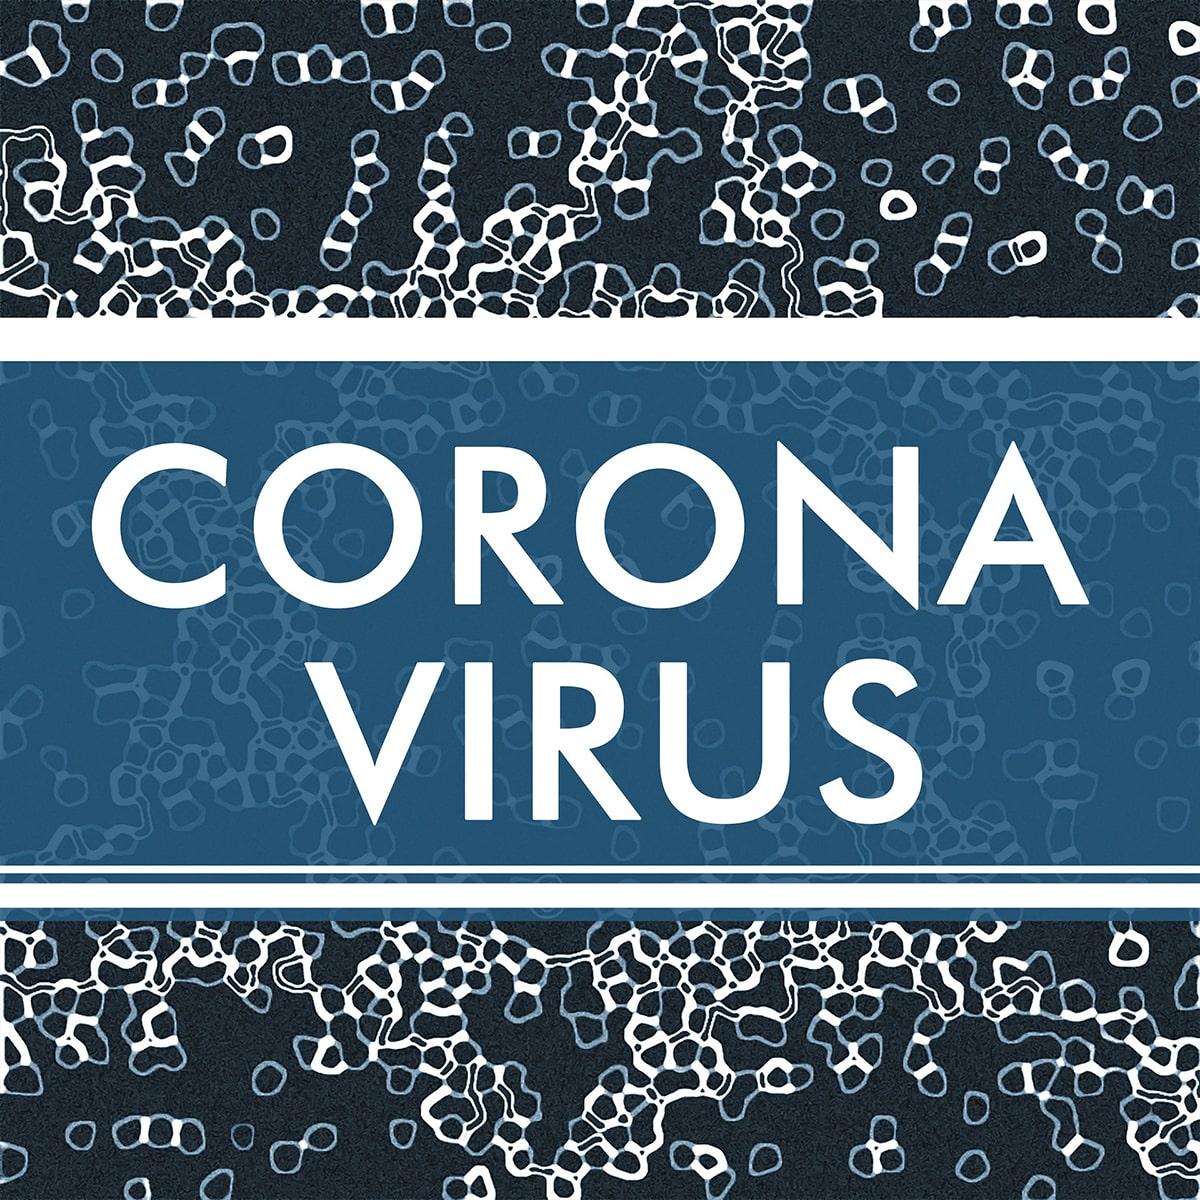 """""""Scovare gli asintomatici"""": il punto di svolta secondo il virologo"""